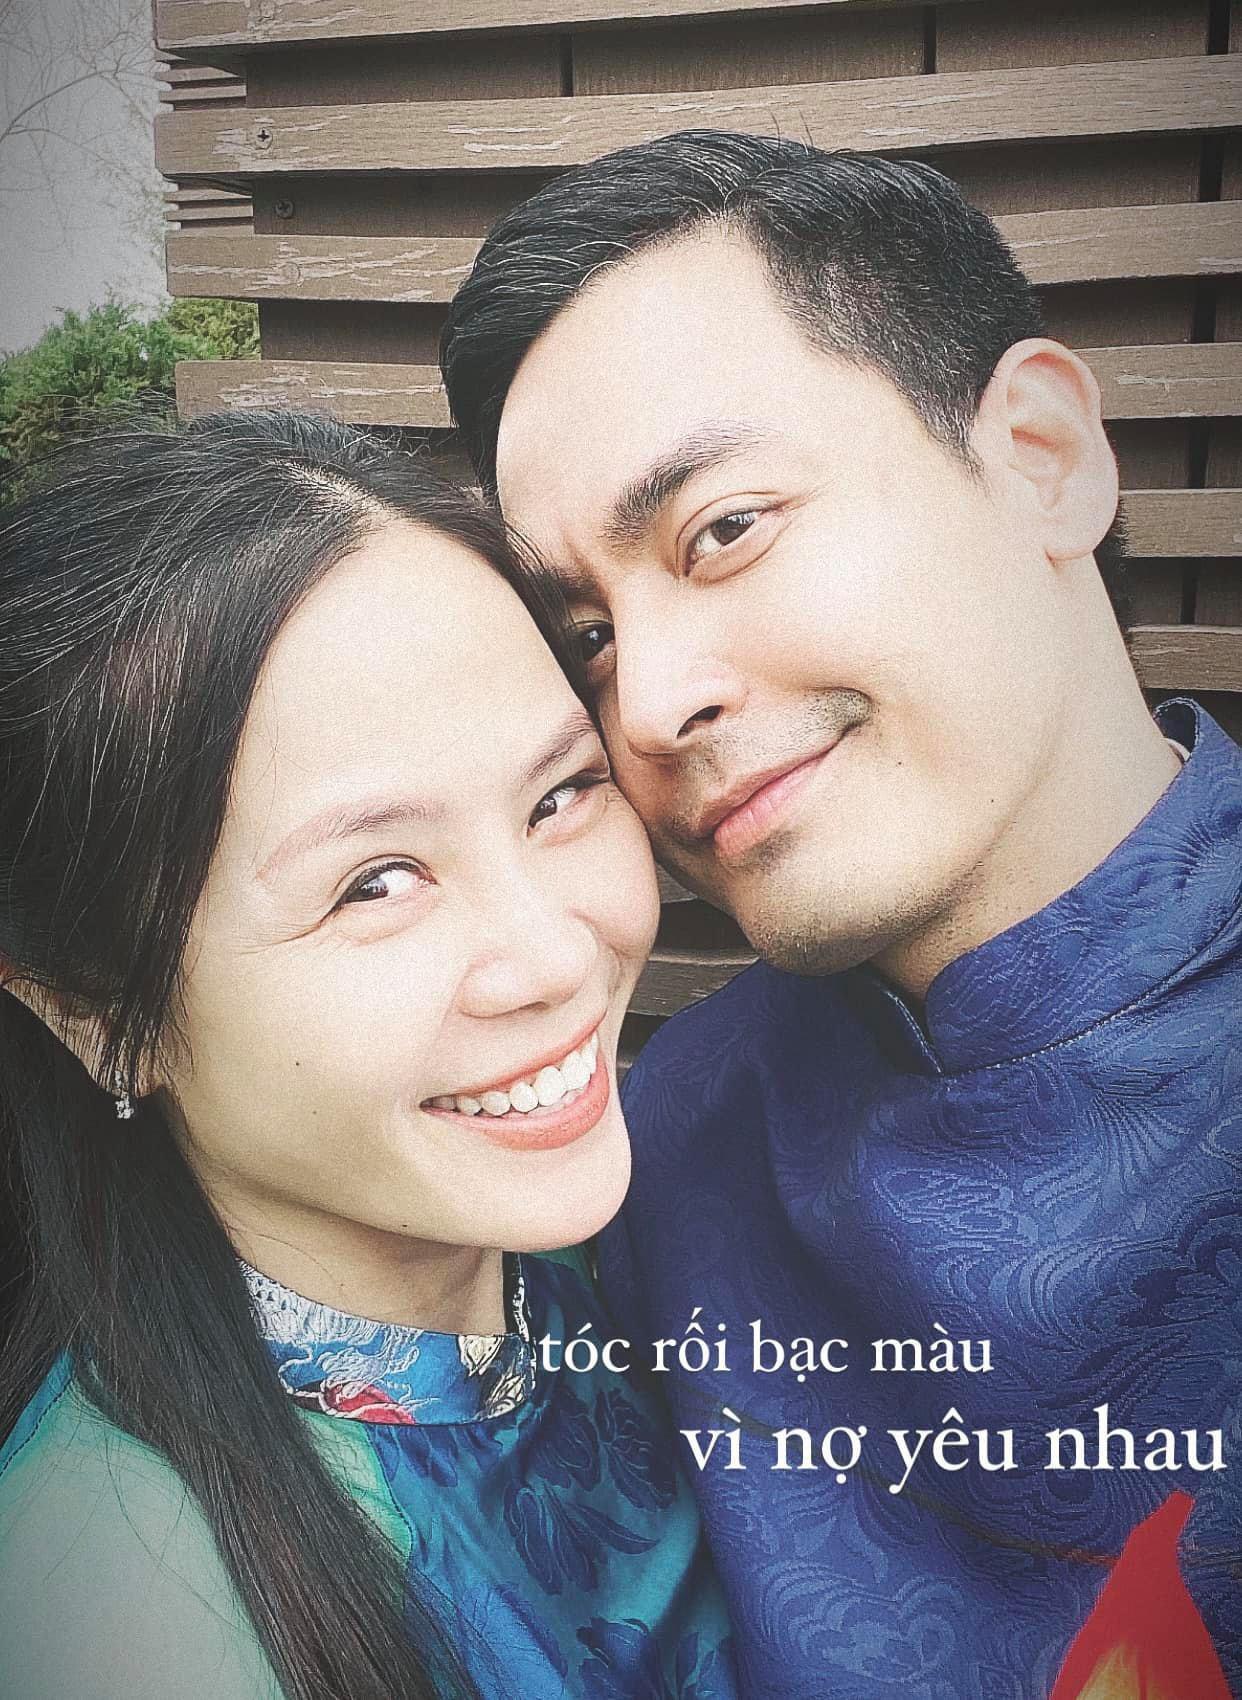 5 cặp sao Việt nhắn nhủ lời ngọt ngào nhất ngày lễ Tình nhân là ai? - Ảnh 7.